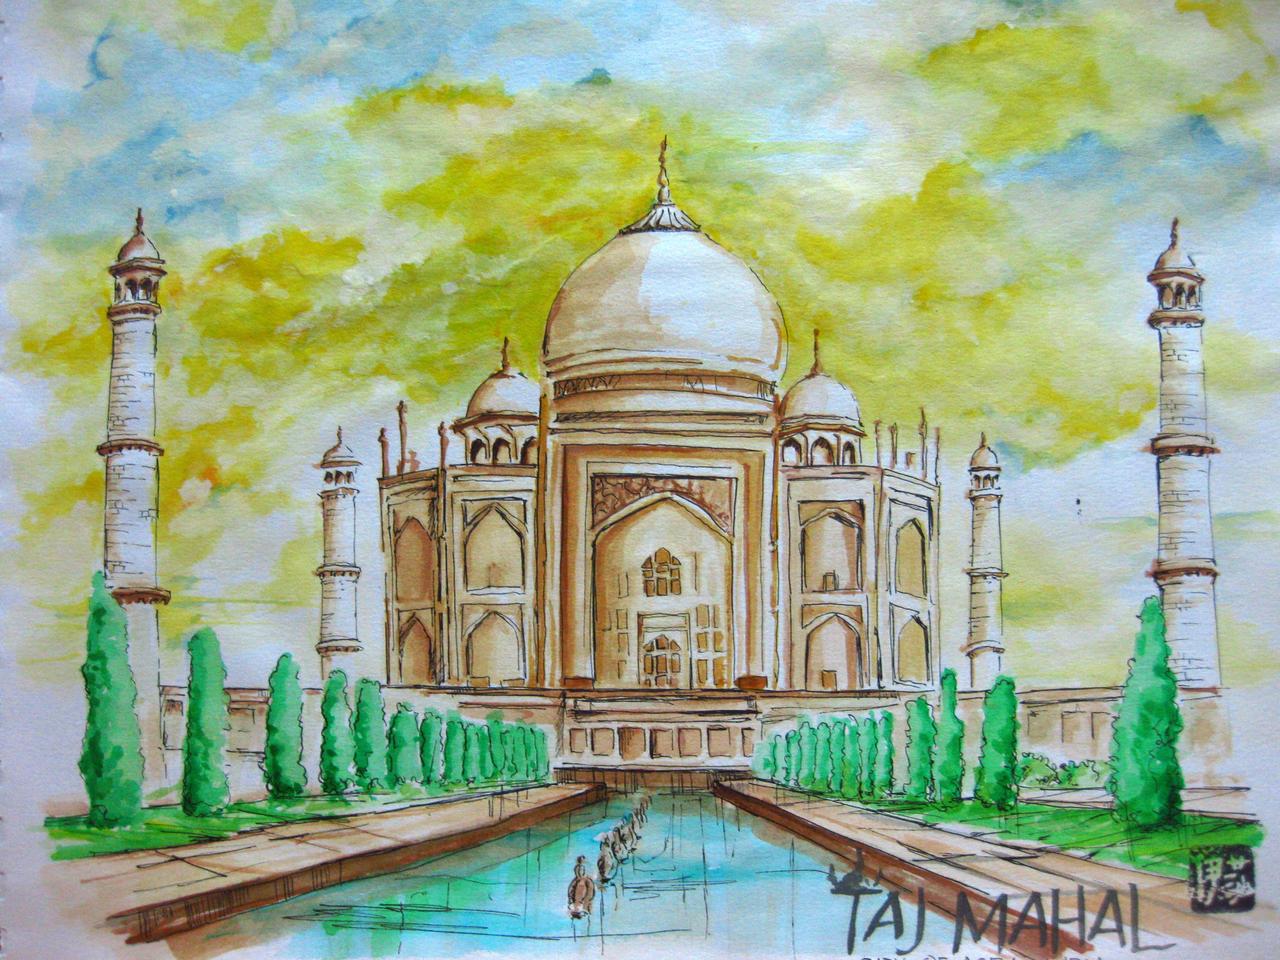 Taj Mahal by Budettyy on DeviantArt